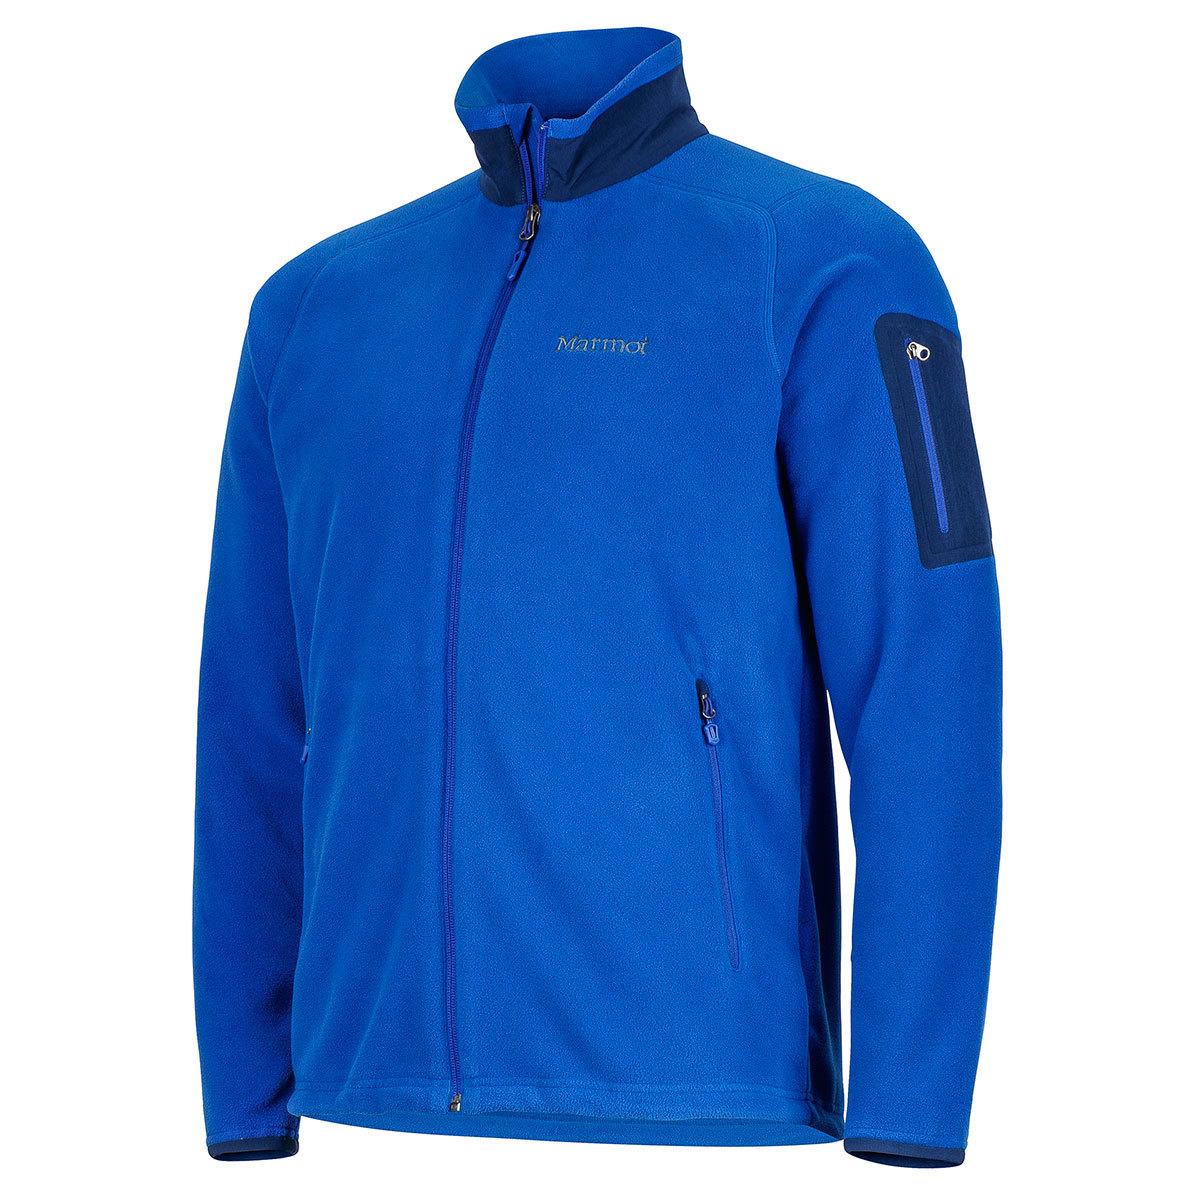 Marmot Men's Reactor Jacket - Blue, XL